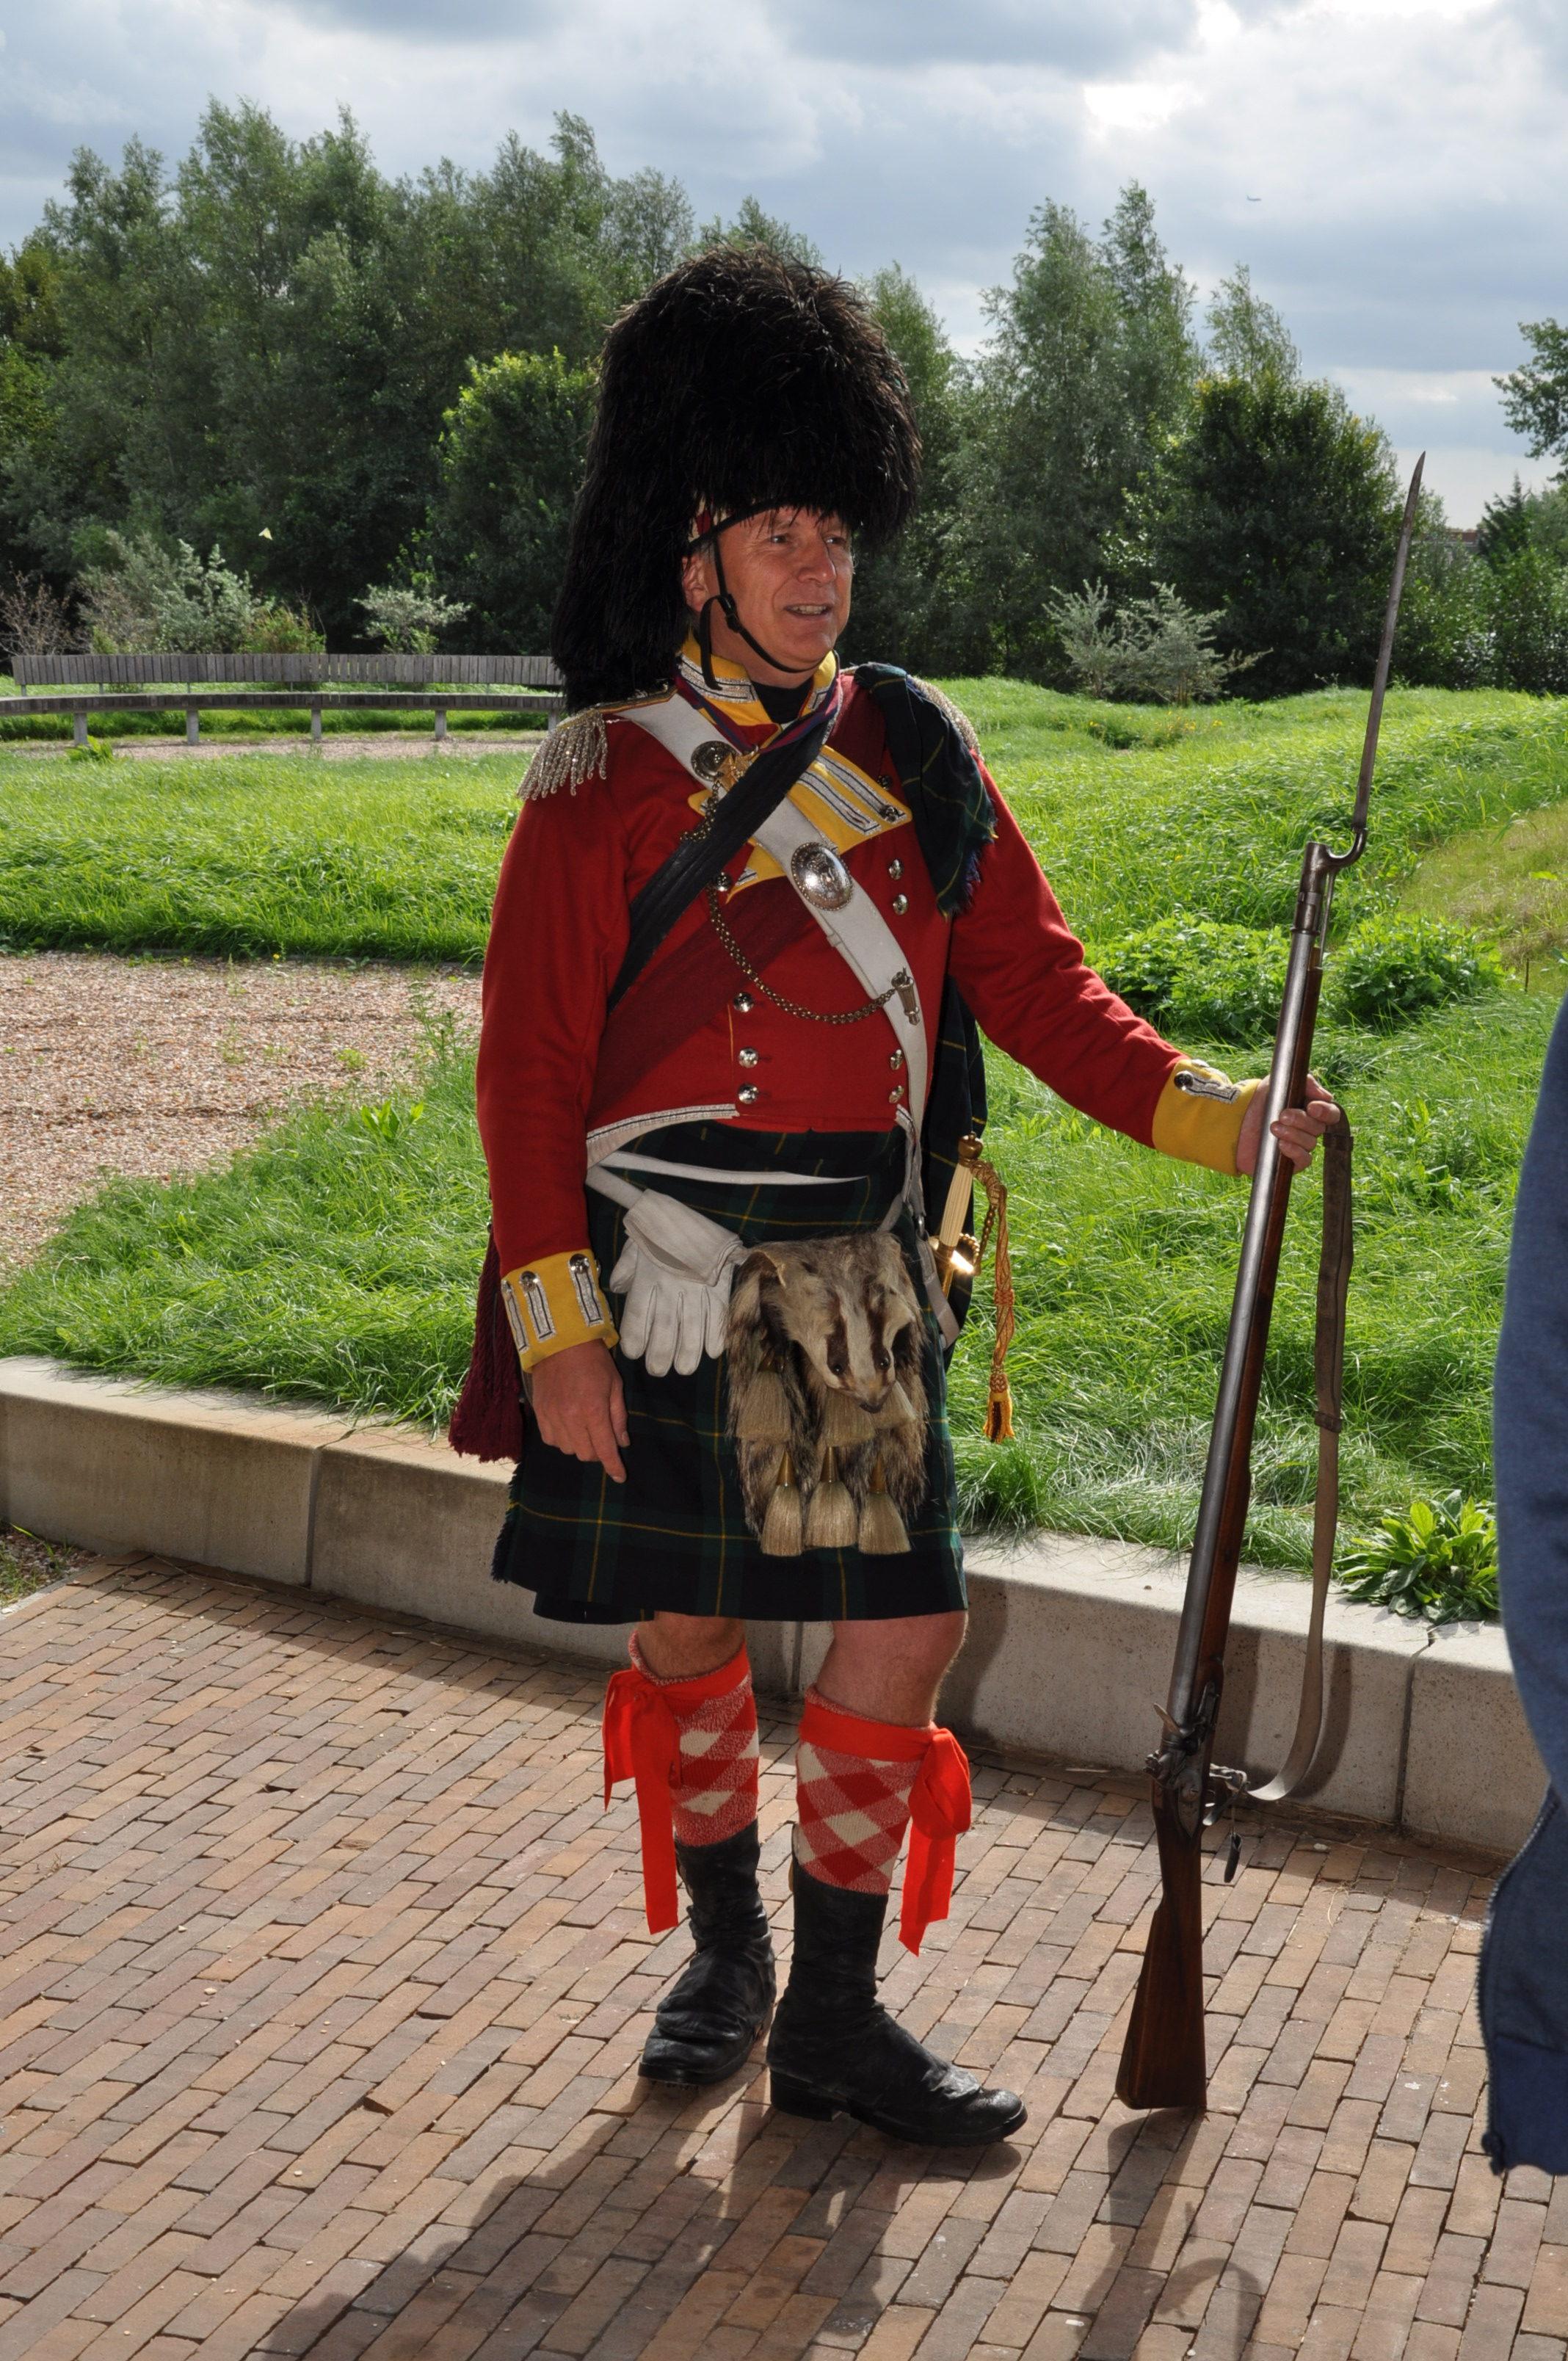 De Franse musketier Martin Blom lid van de re-enactmentgroep legt de werking van het musket uit.